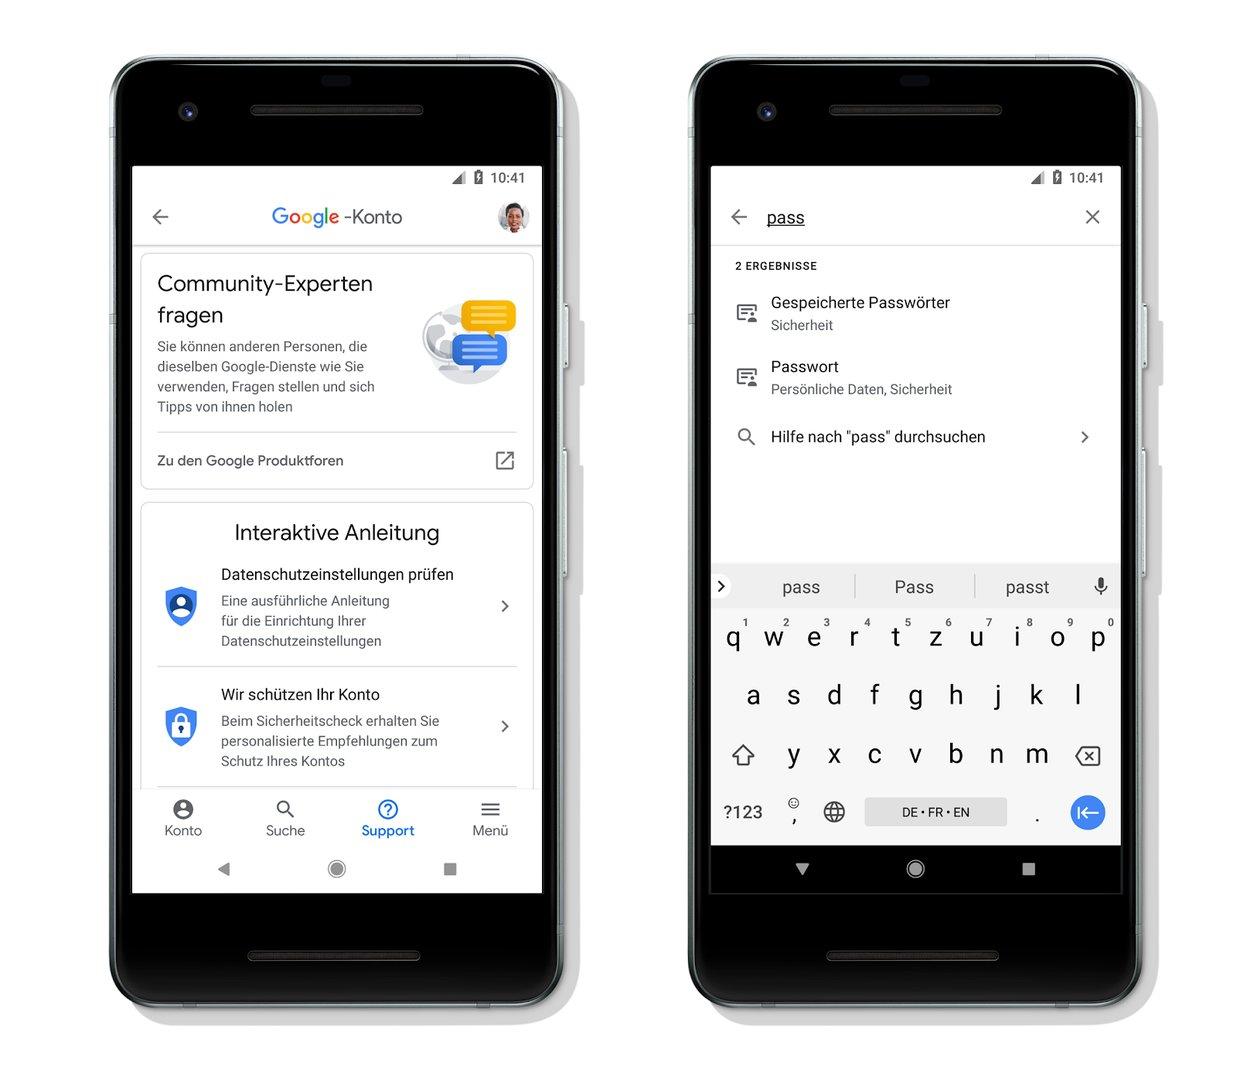 Google-Konto: Community-Experten und Suche